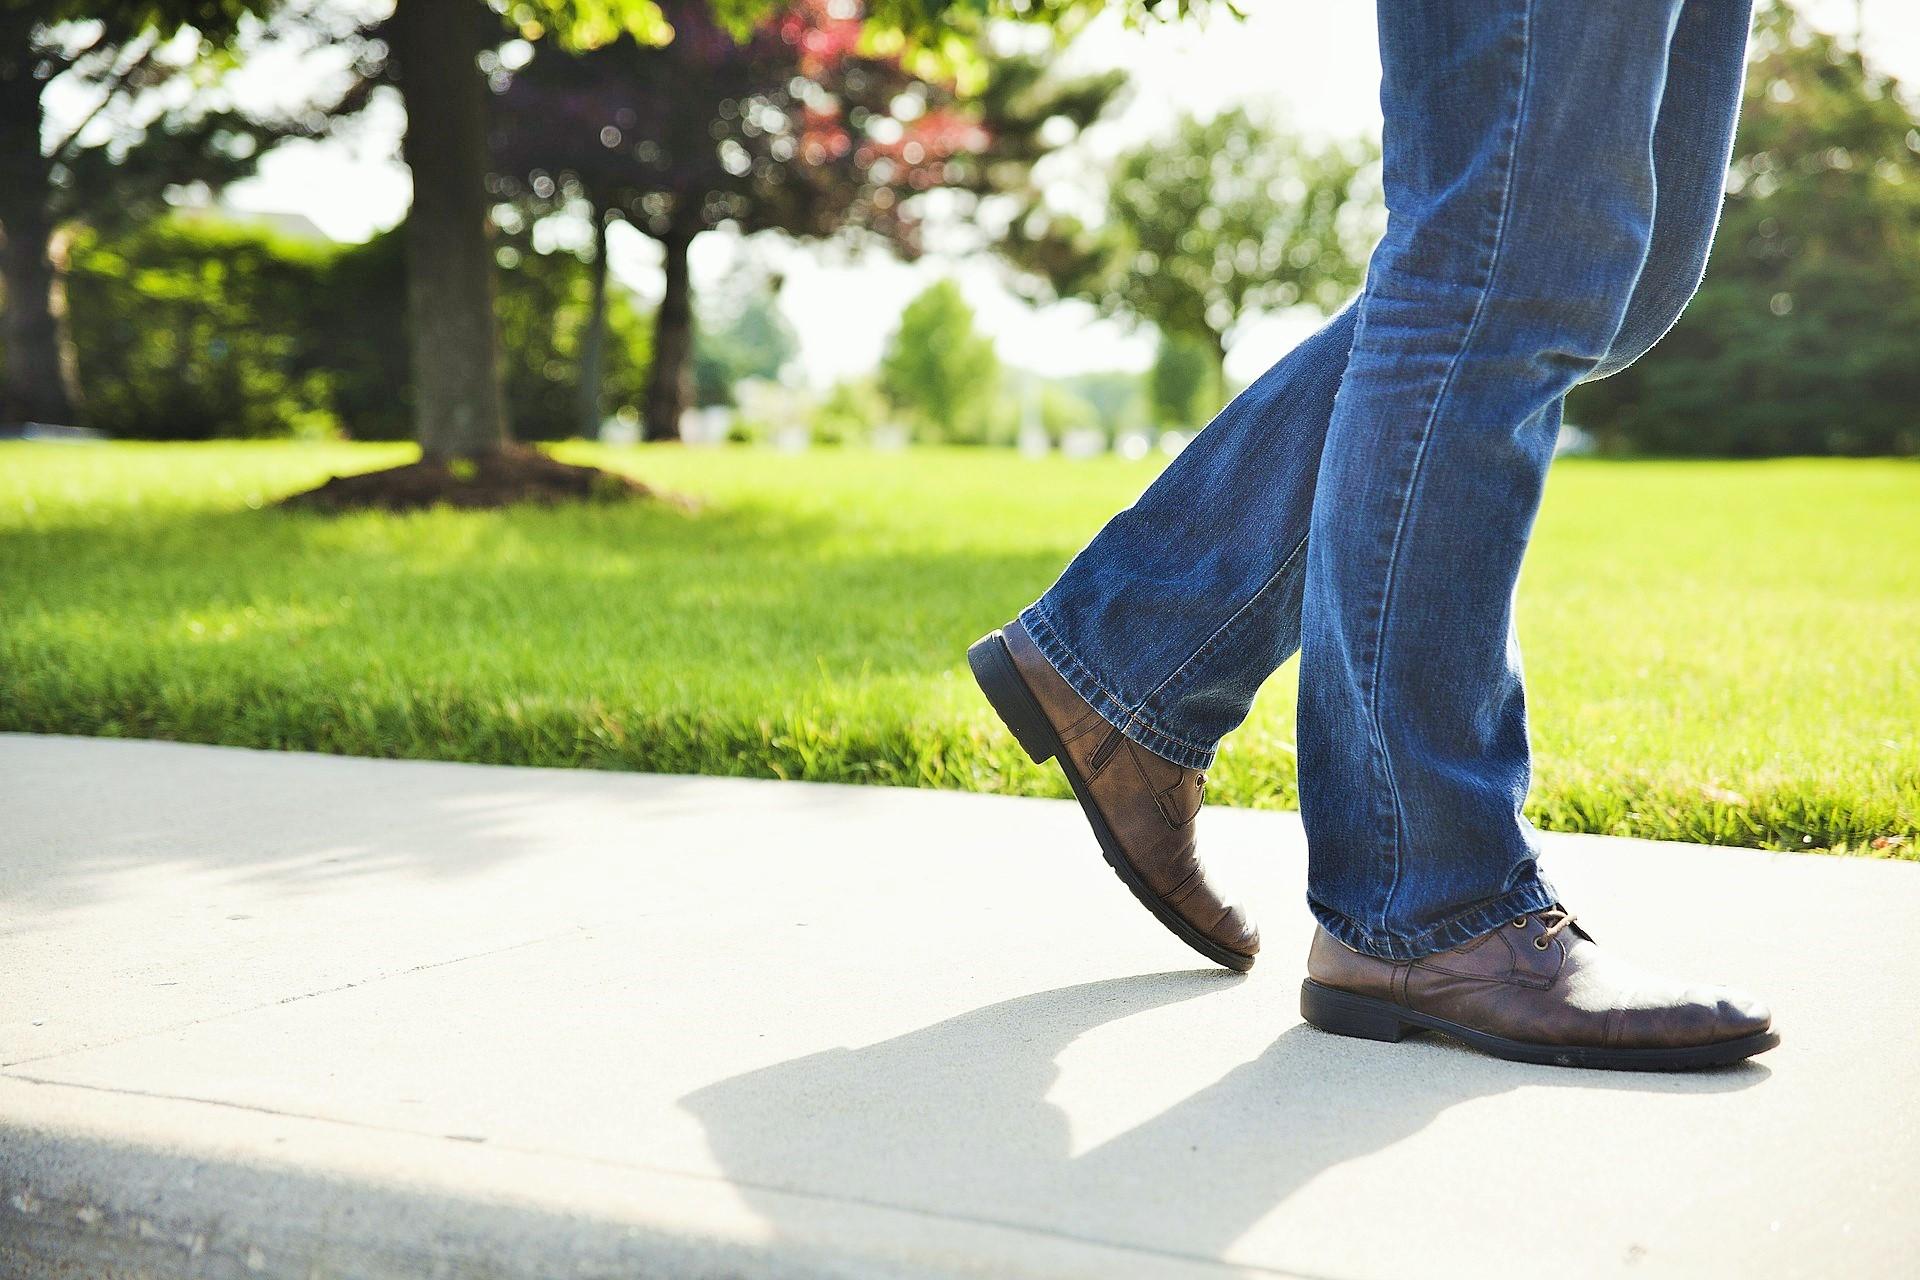 ¡A caminar en la ciudad! Los beneficios para la salud ahora están identificados